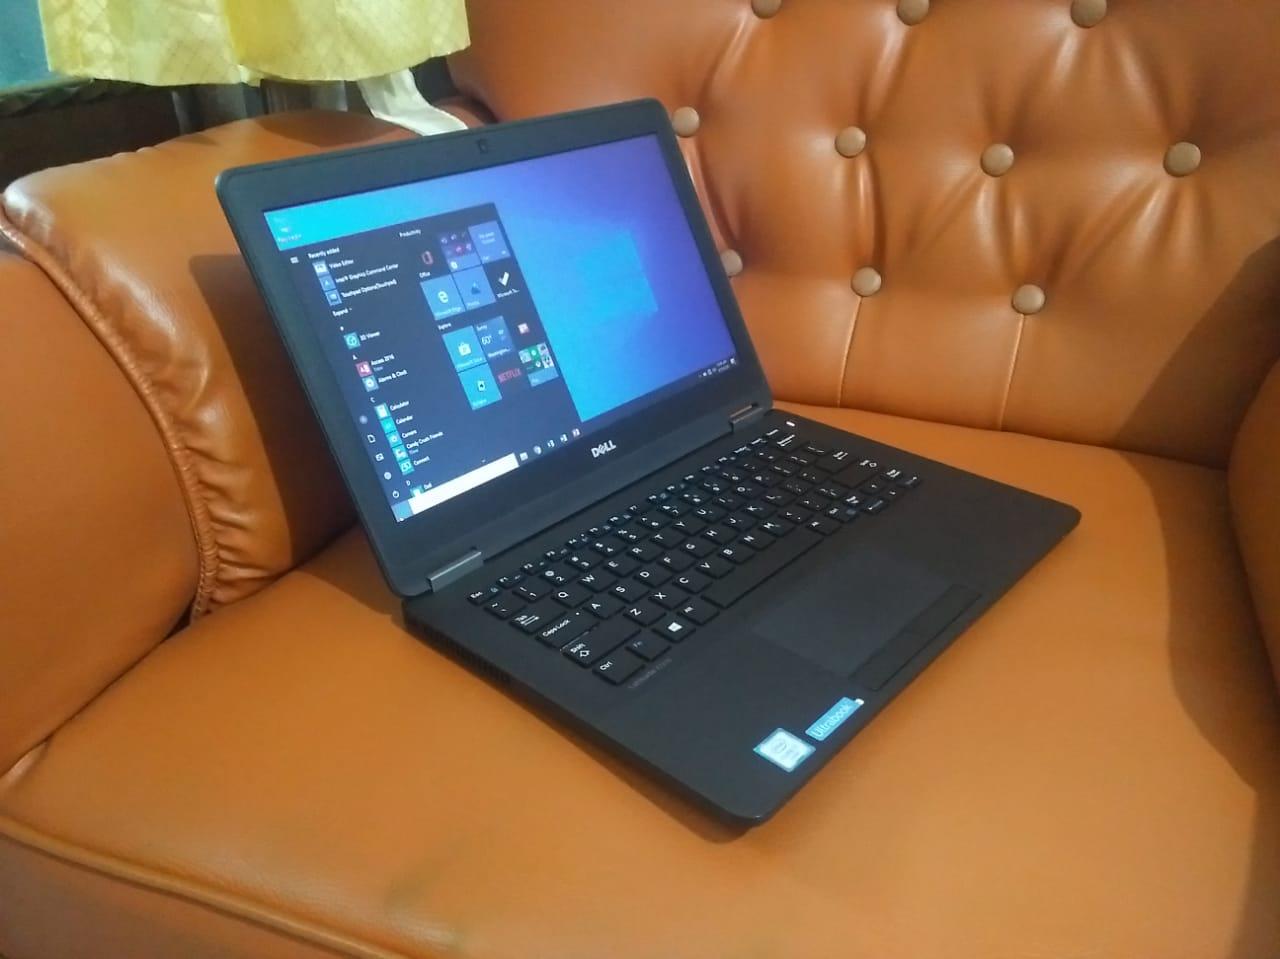 Dell Latitute E7270 3